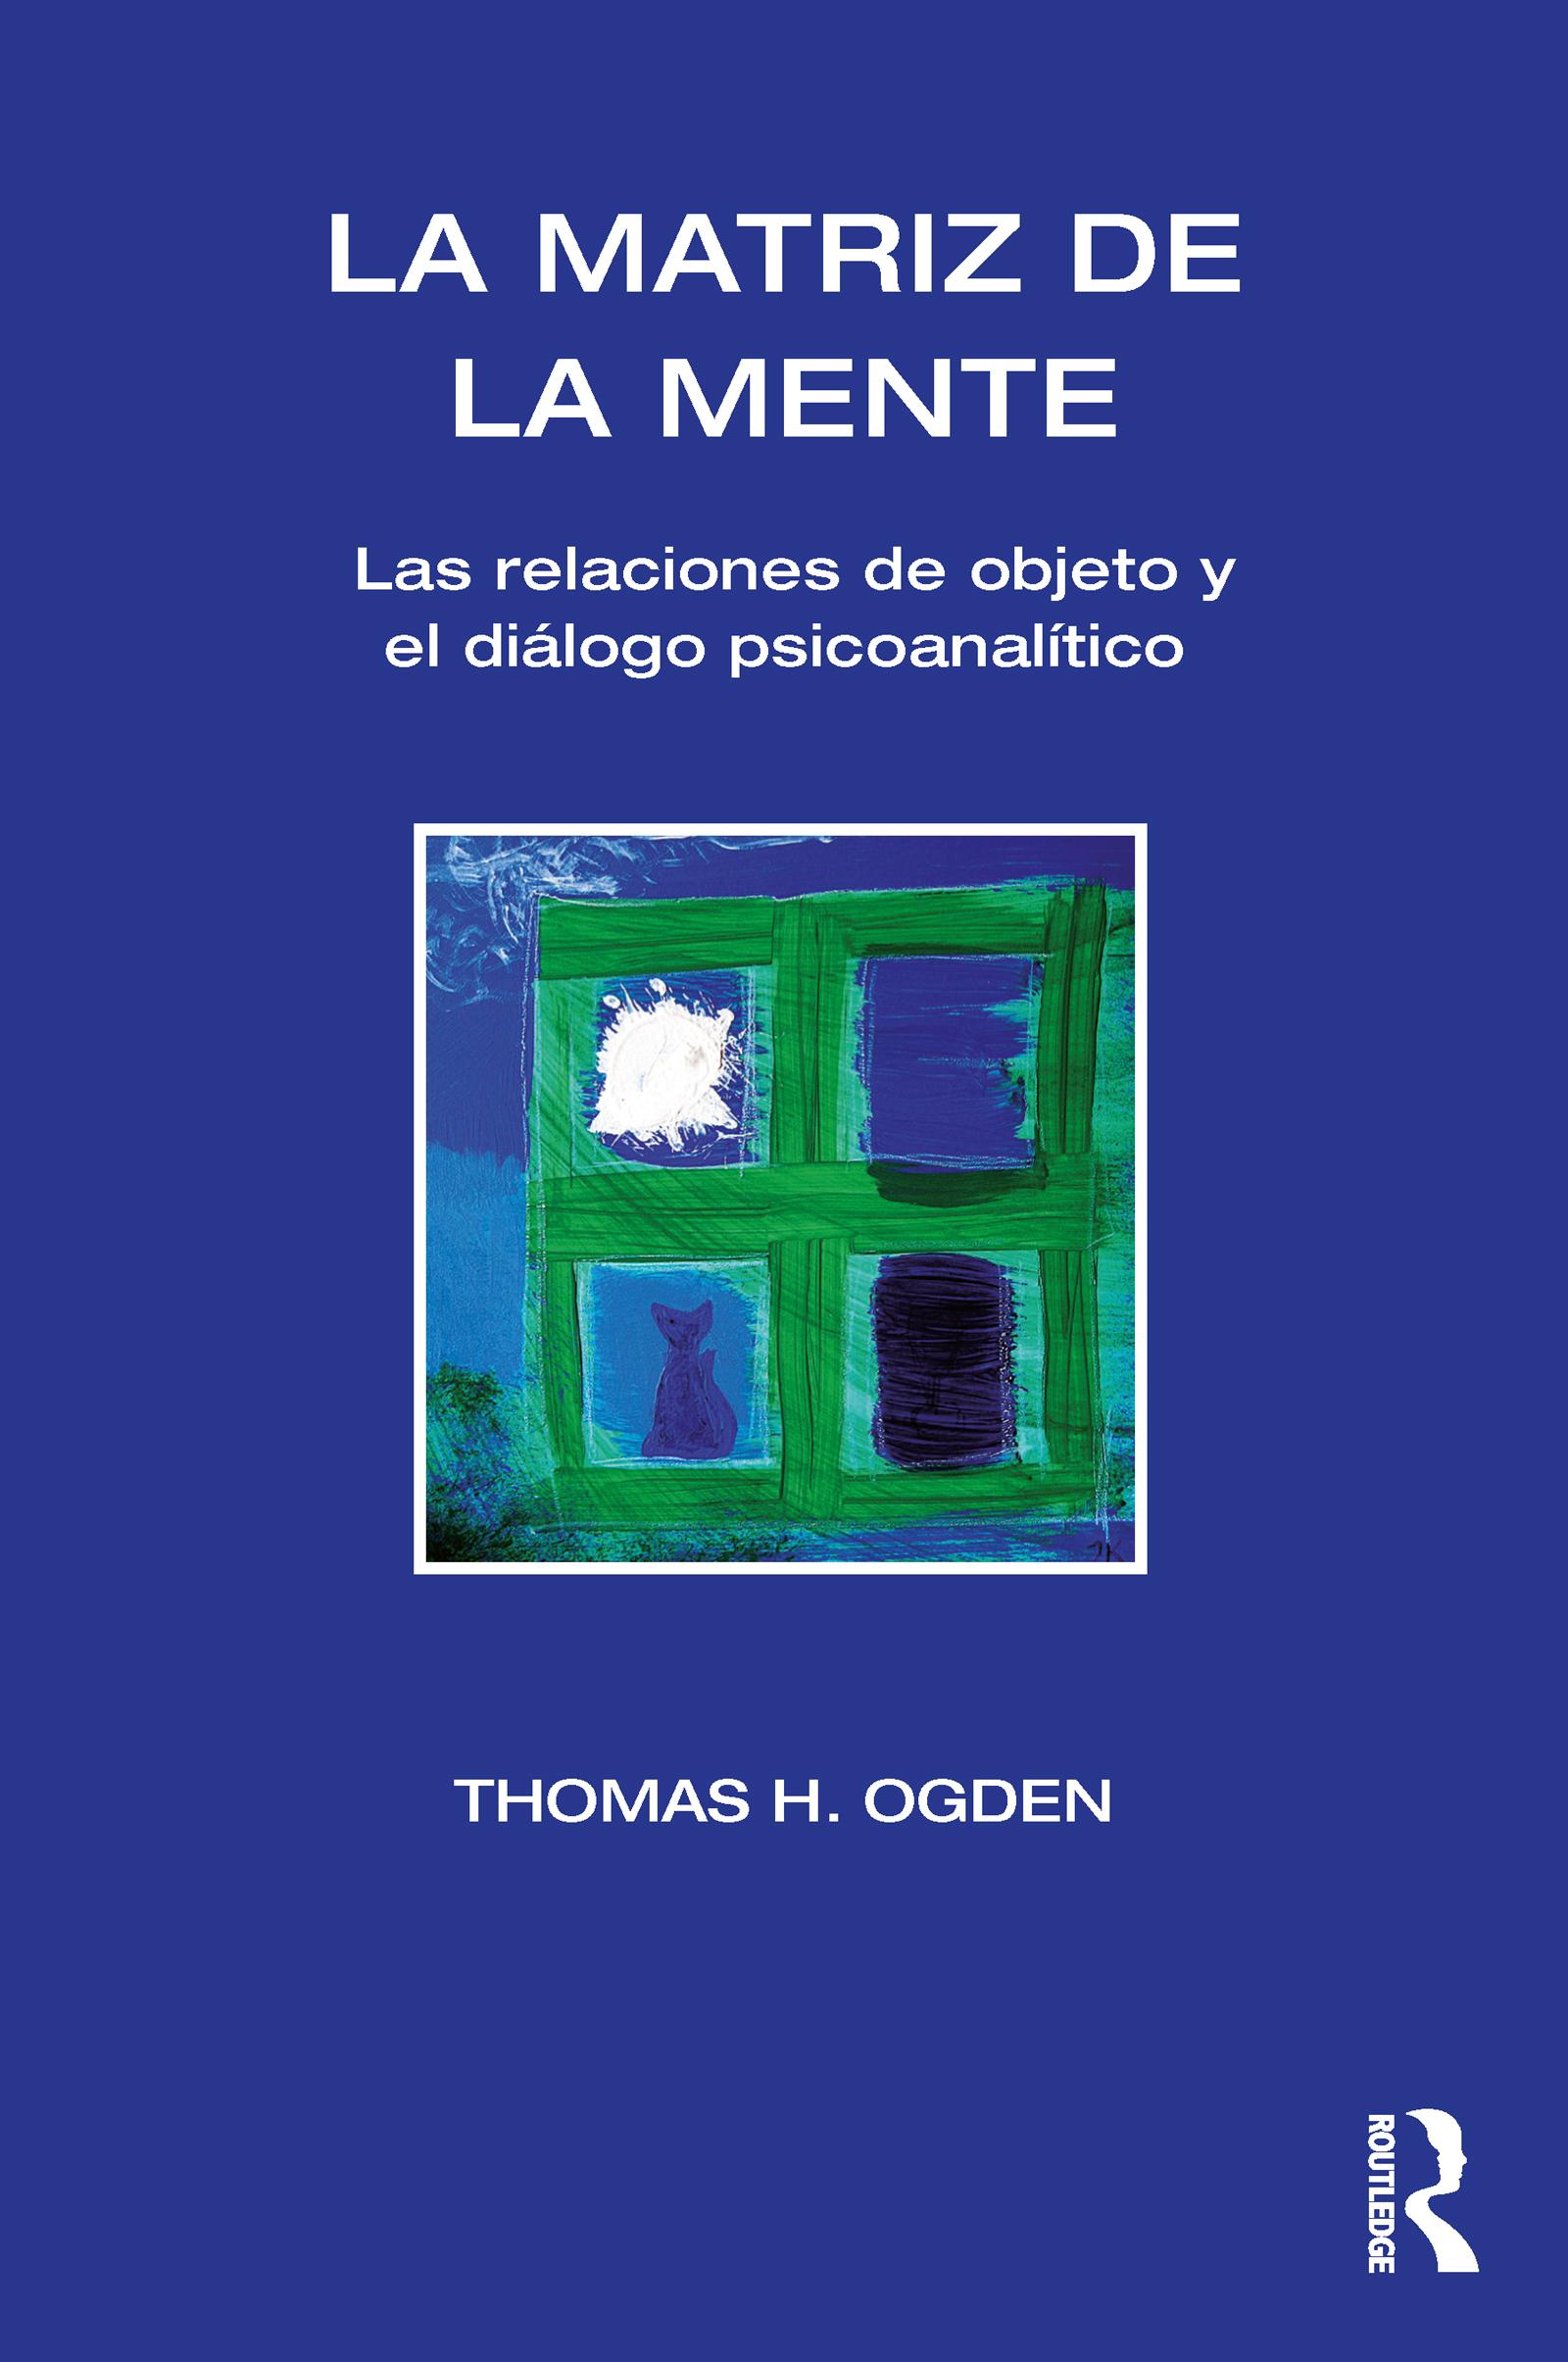 La Matriz de la Mente: Las relaciones de objeto y el diálogo psicoanalítico